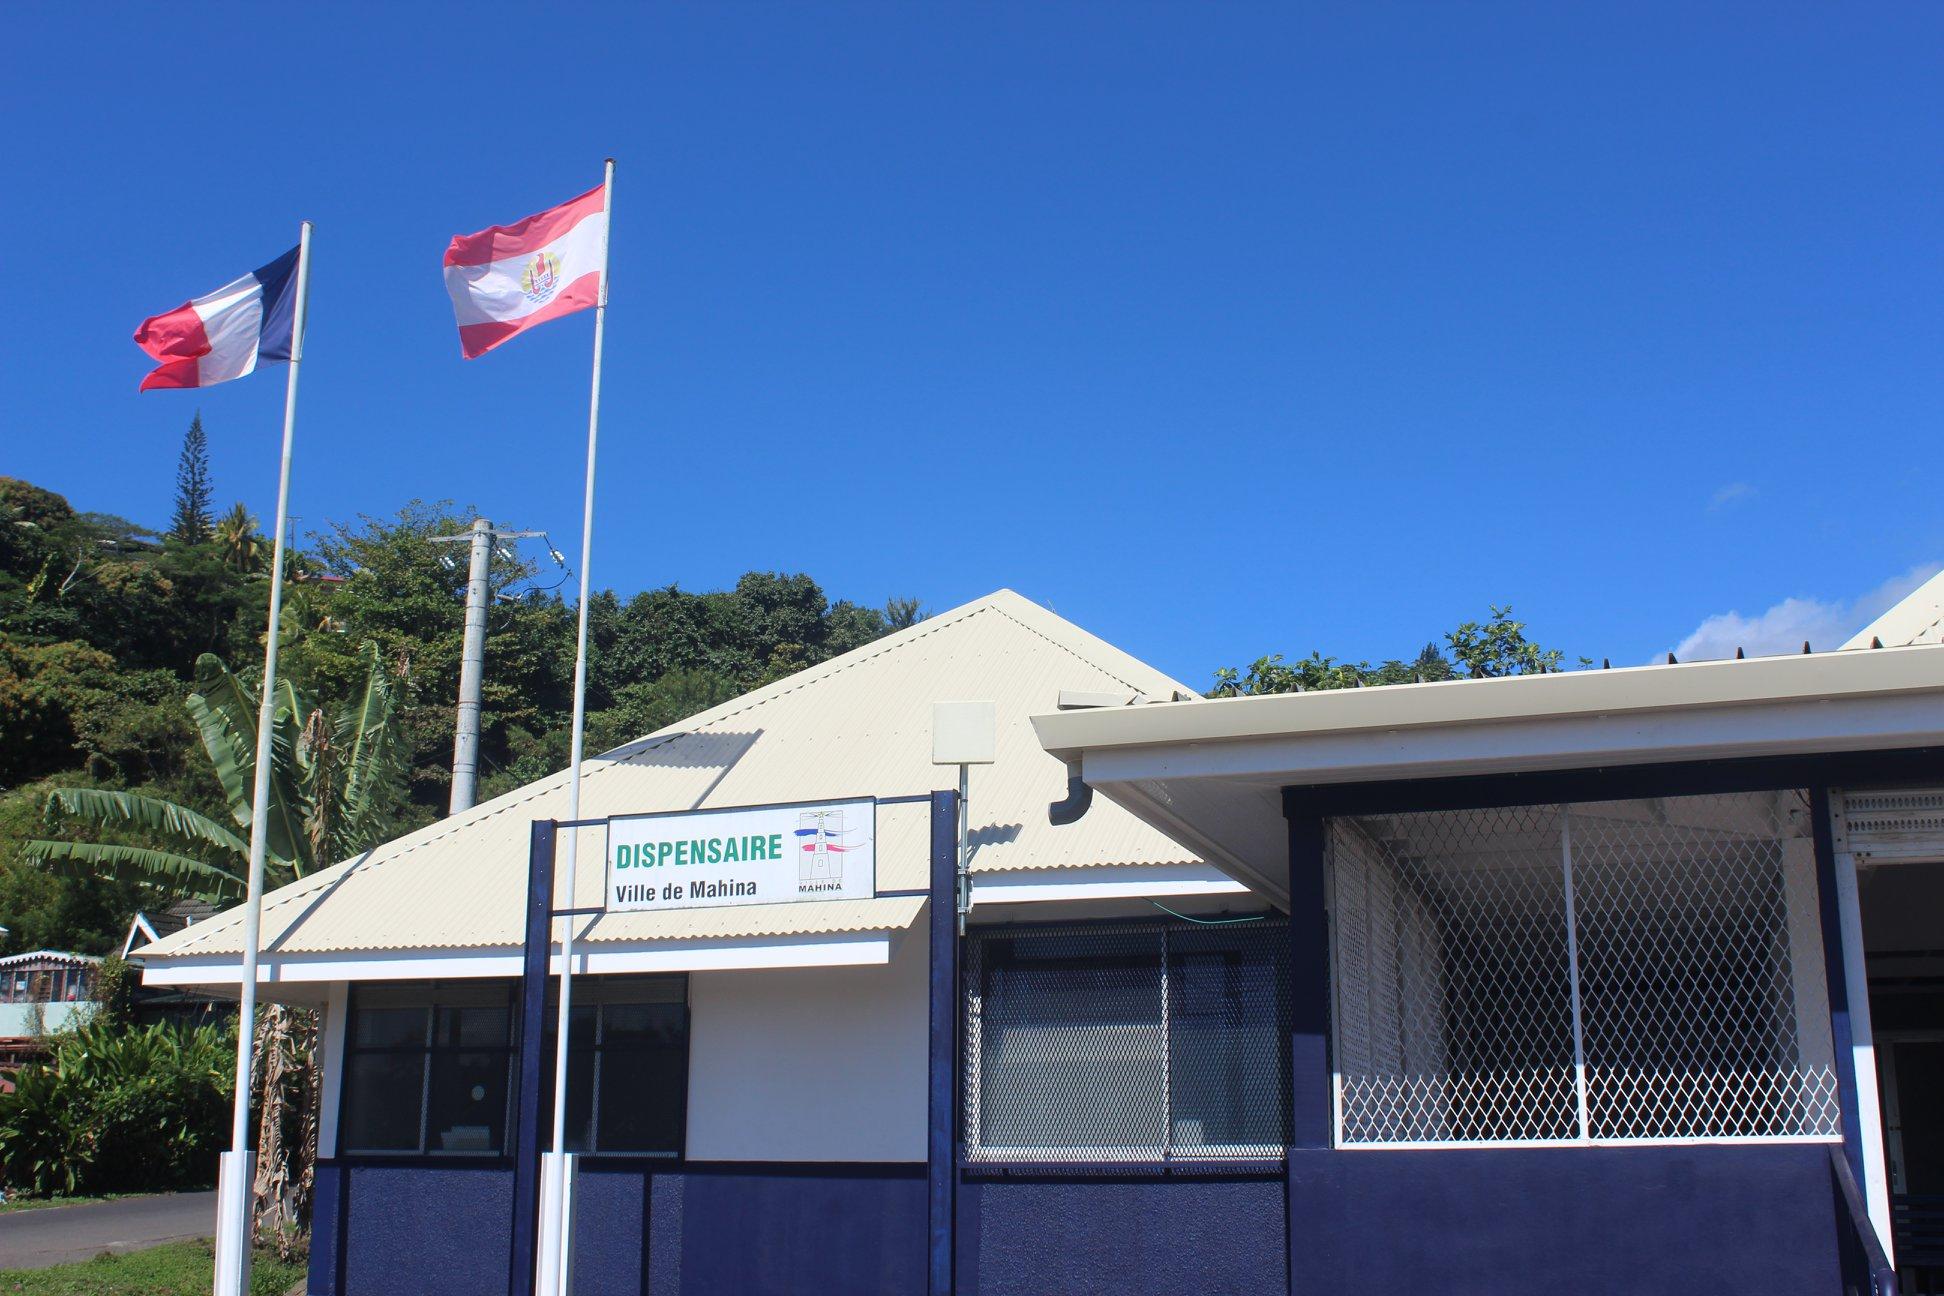 La commune a dépensé 10 millions de Fcfp pour la rénovation de son dispensaire.